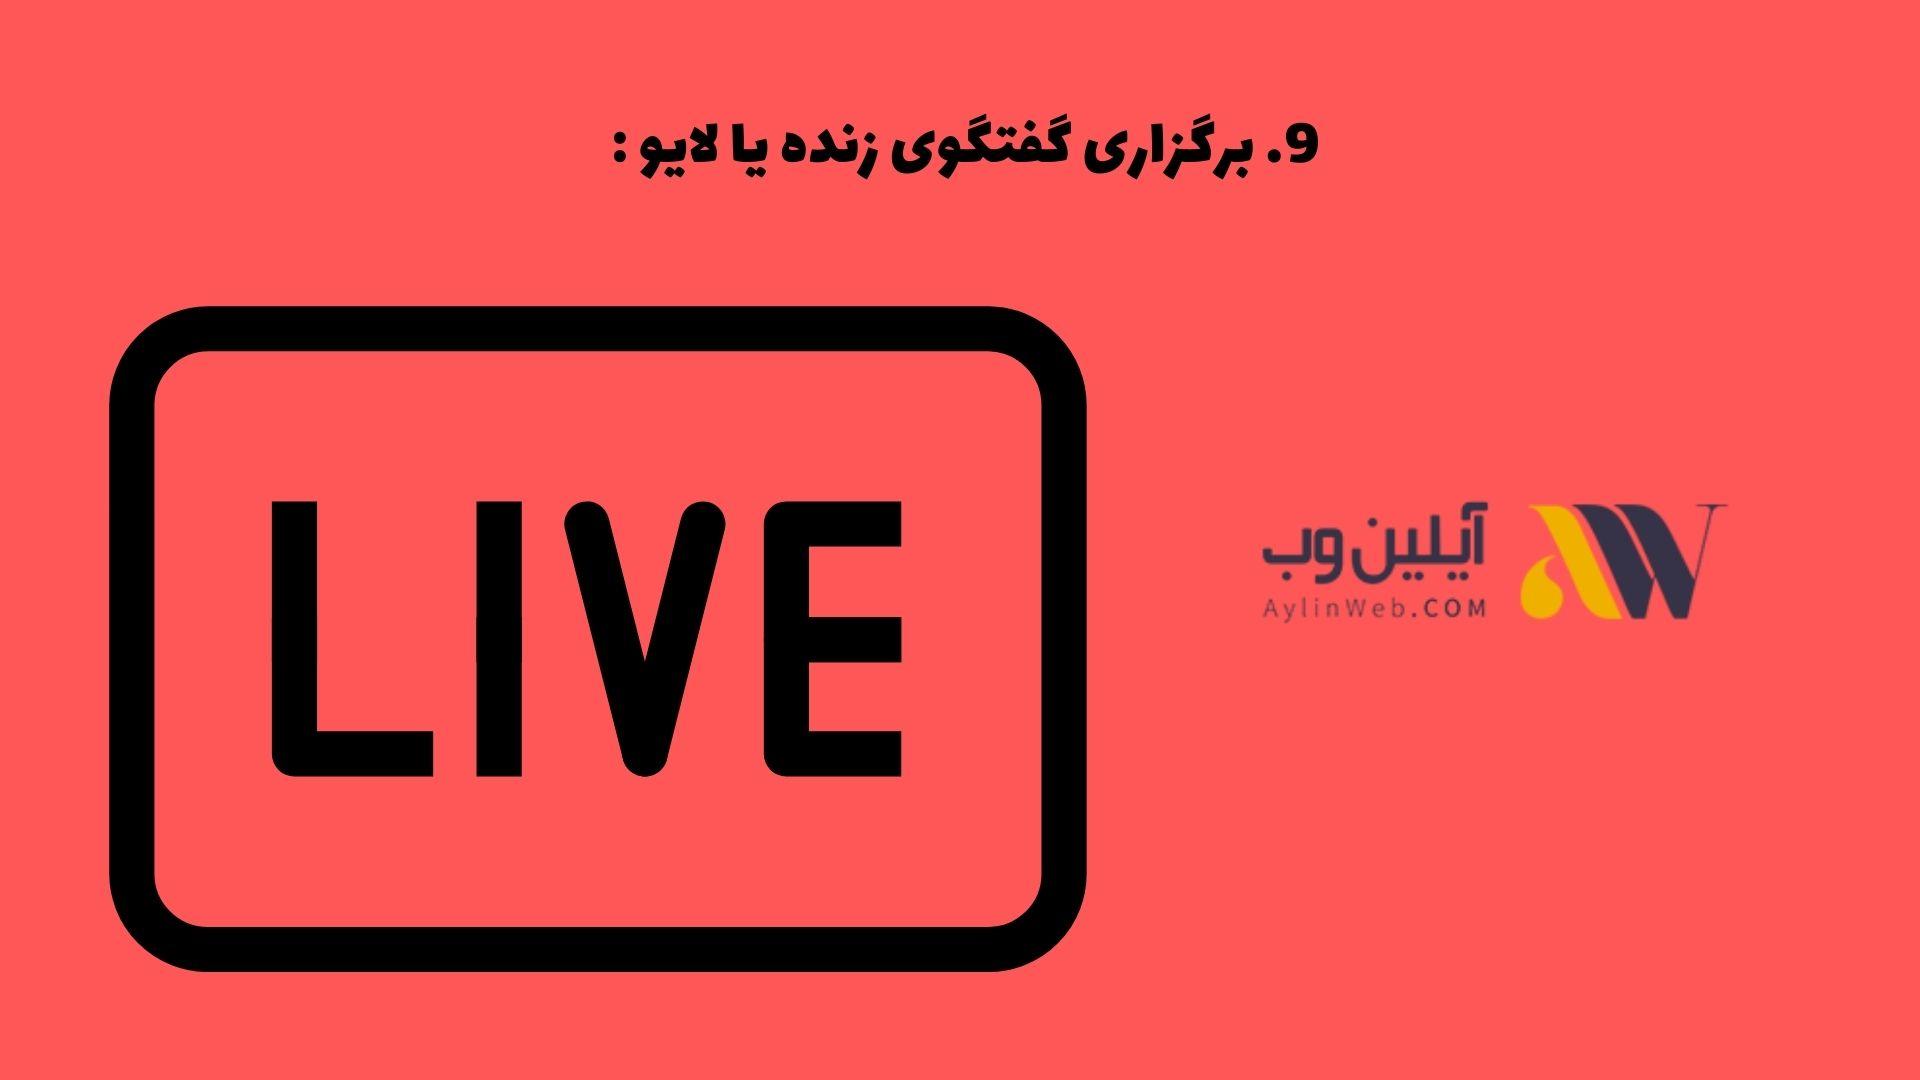 برگزاری گفتگوی زنده یا لایو :